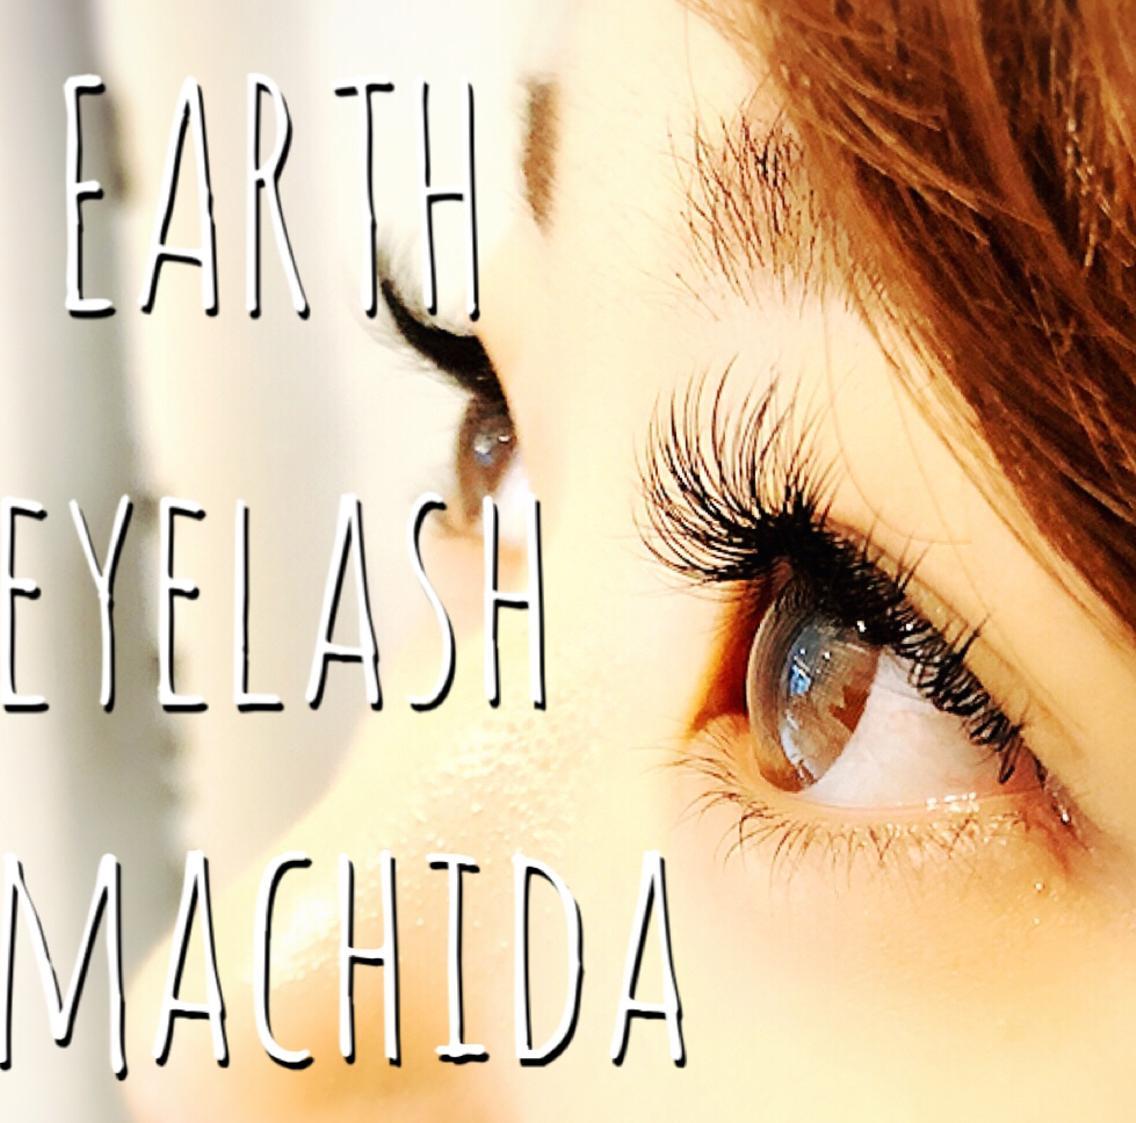 EARTH*eyelash 町田店所属・EARTH*eyelash町田の掲載